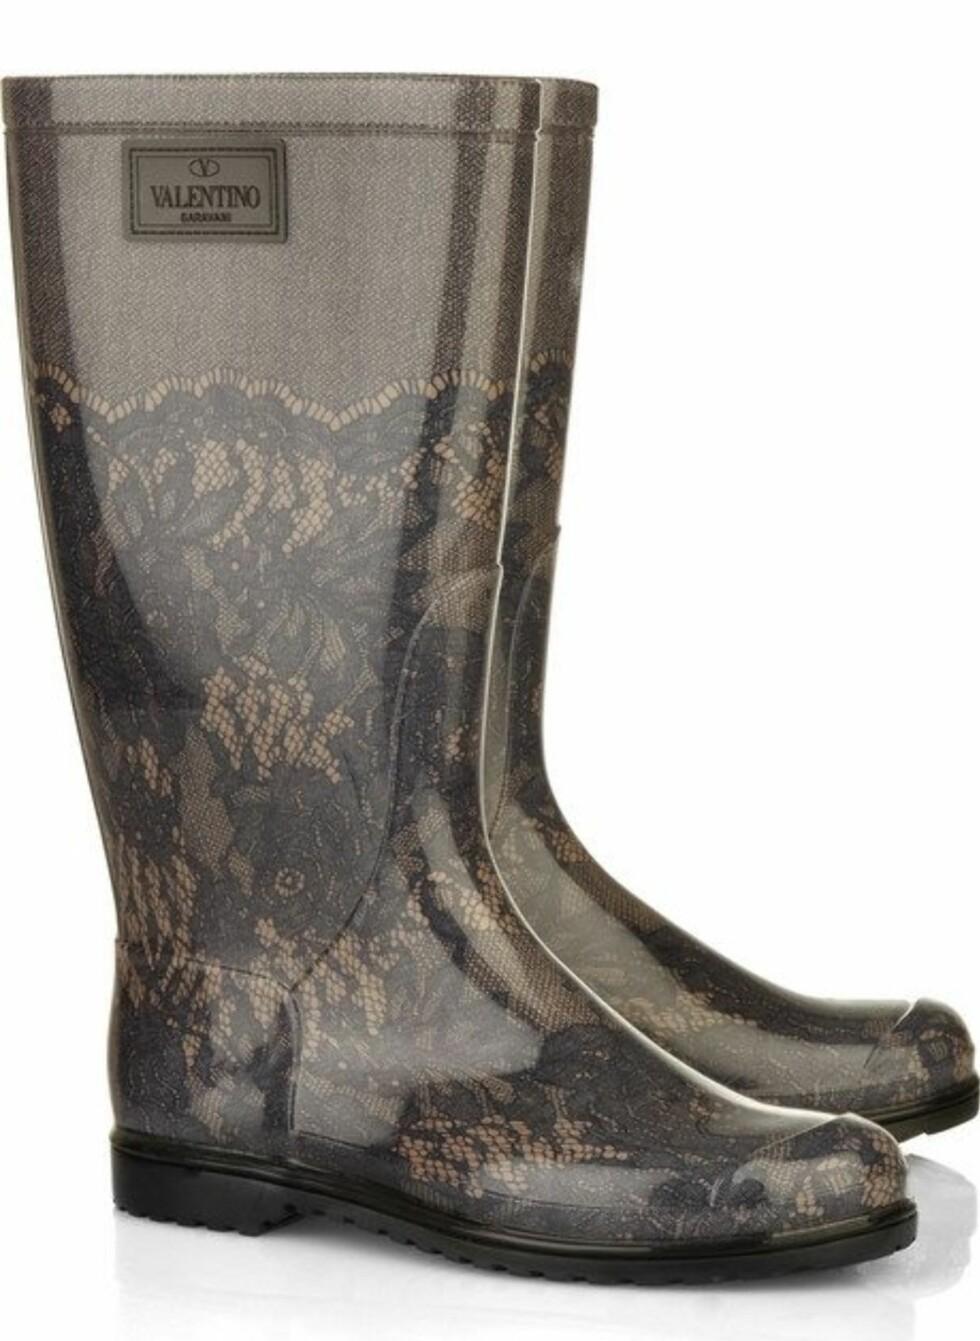 Goth-trenden er tilbake i motebildet denne sesongen. Støvler for deg som ikke kan få nok av blonder! (ca kr 1690, Valentino/Net-a-porter.com).